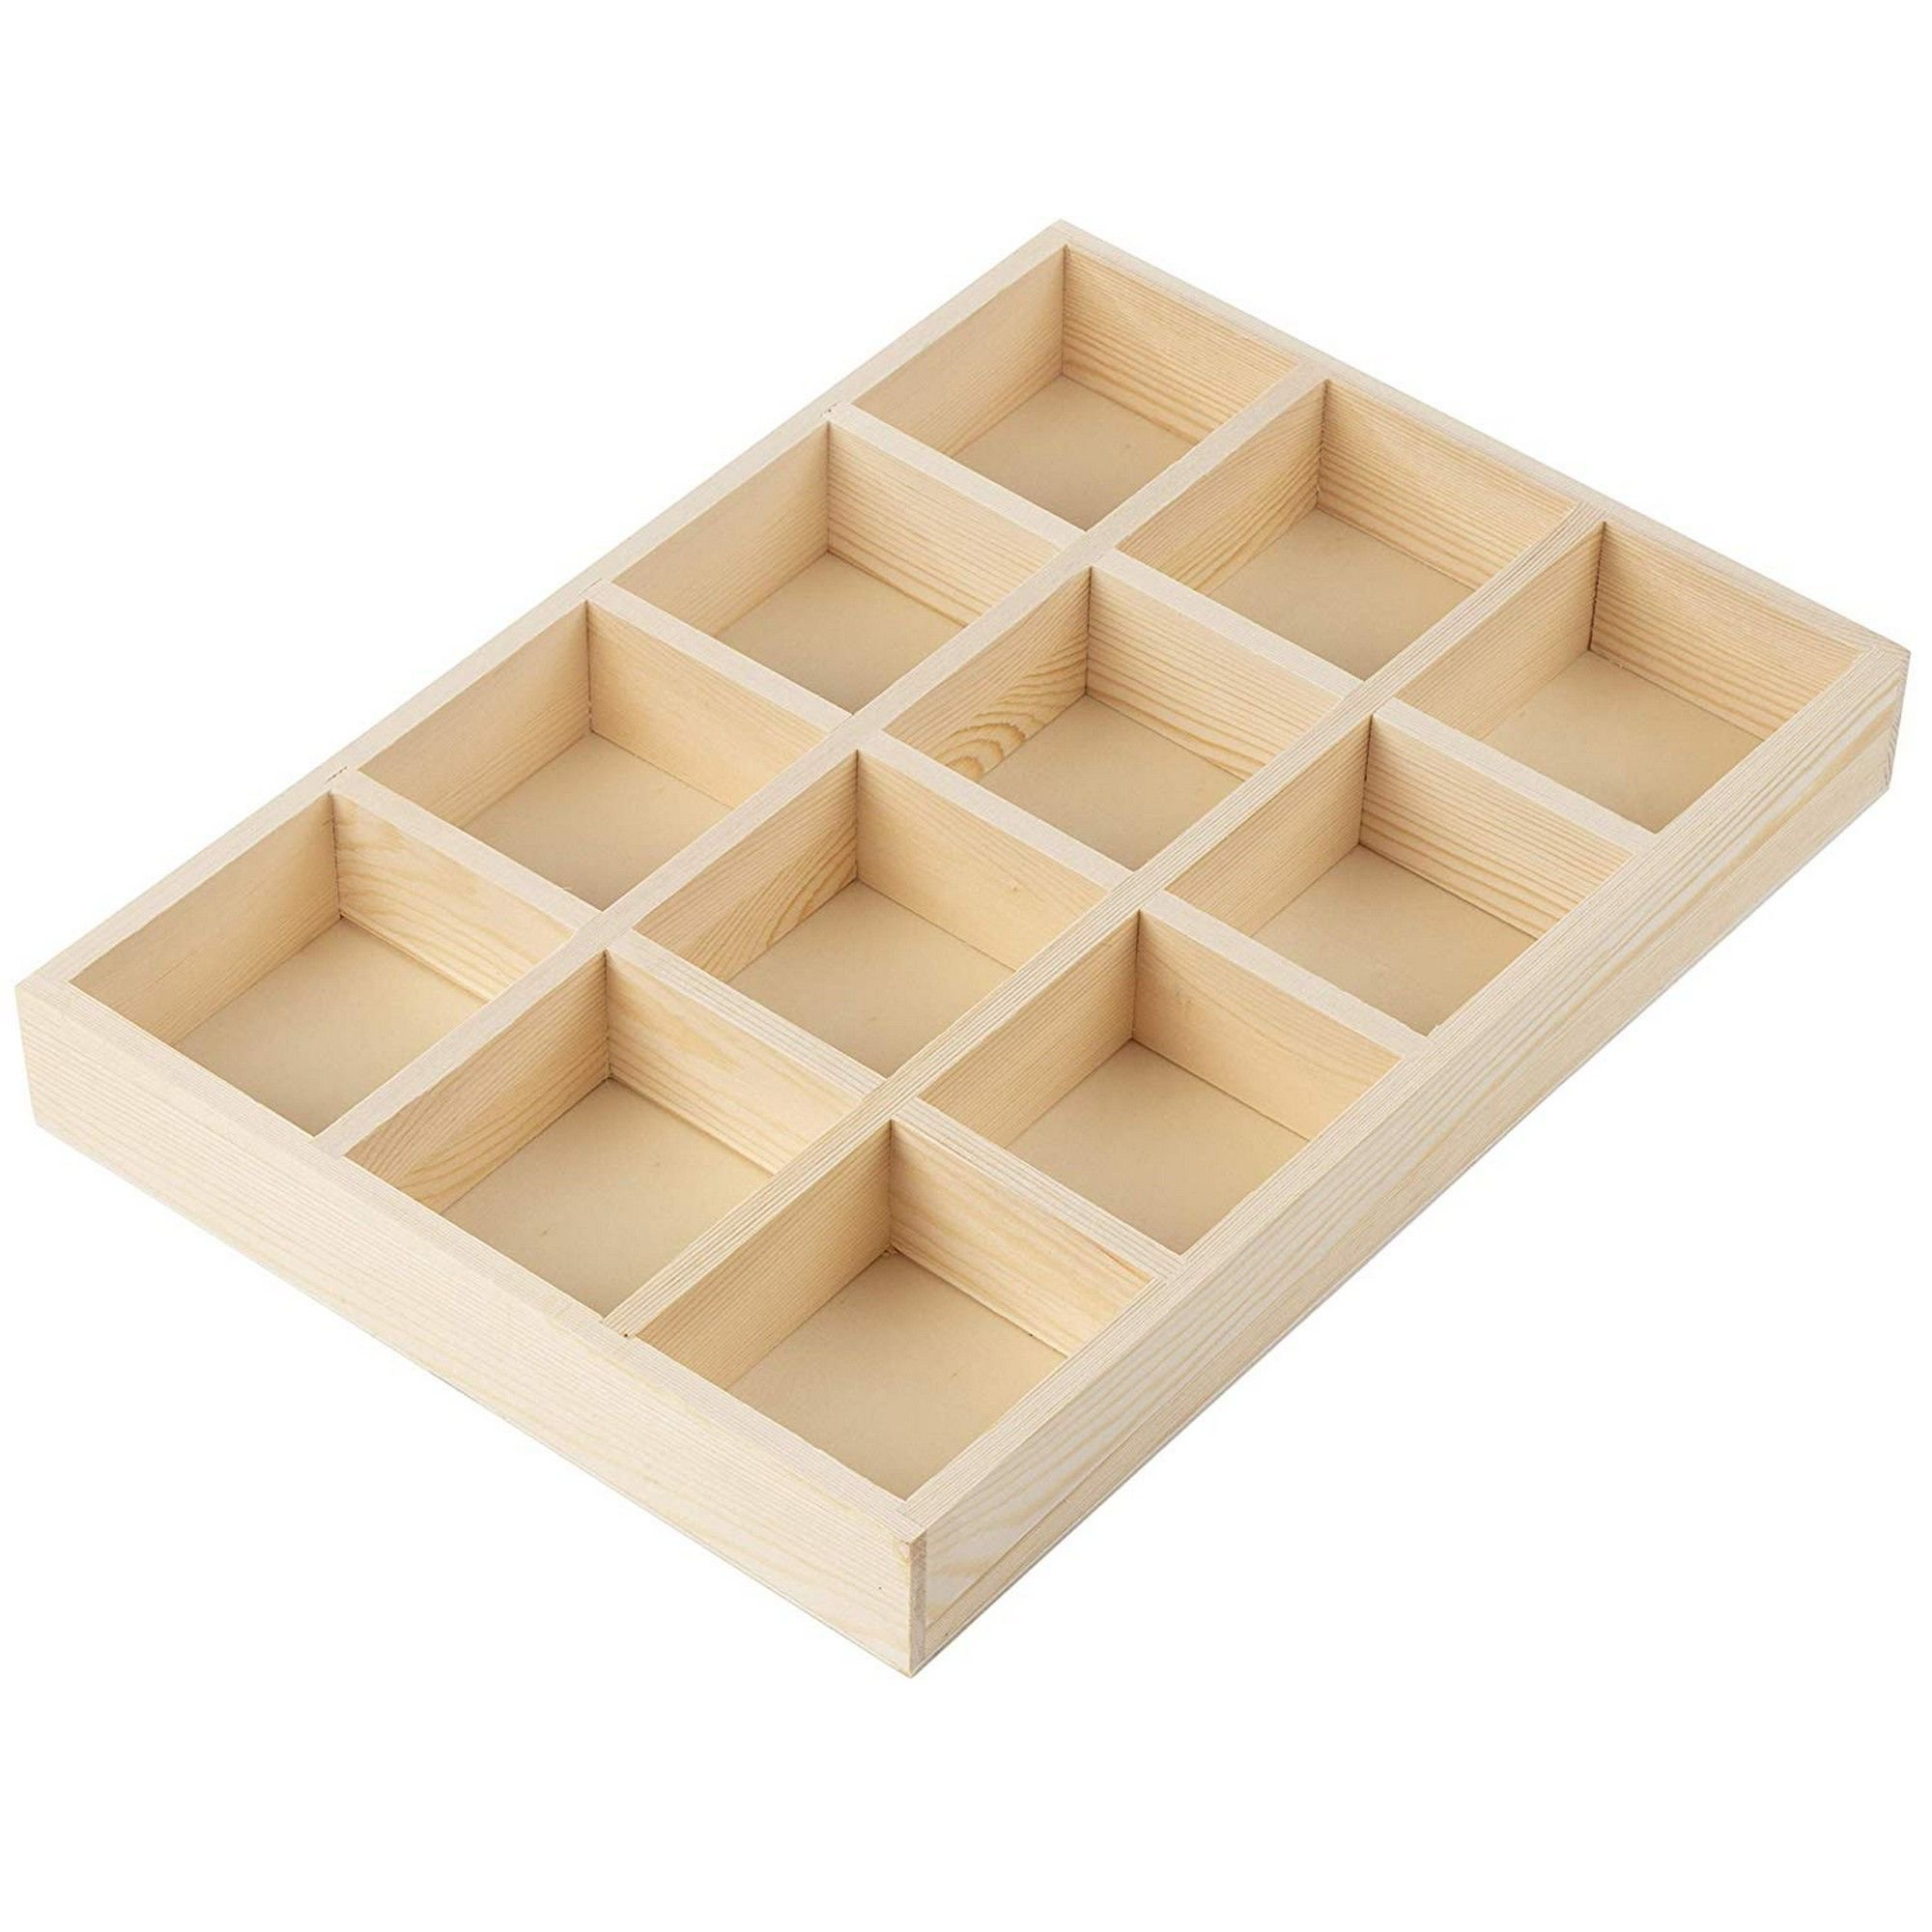 Wooden Drawer Organizer Desk